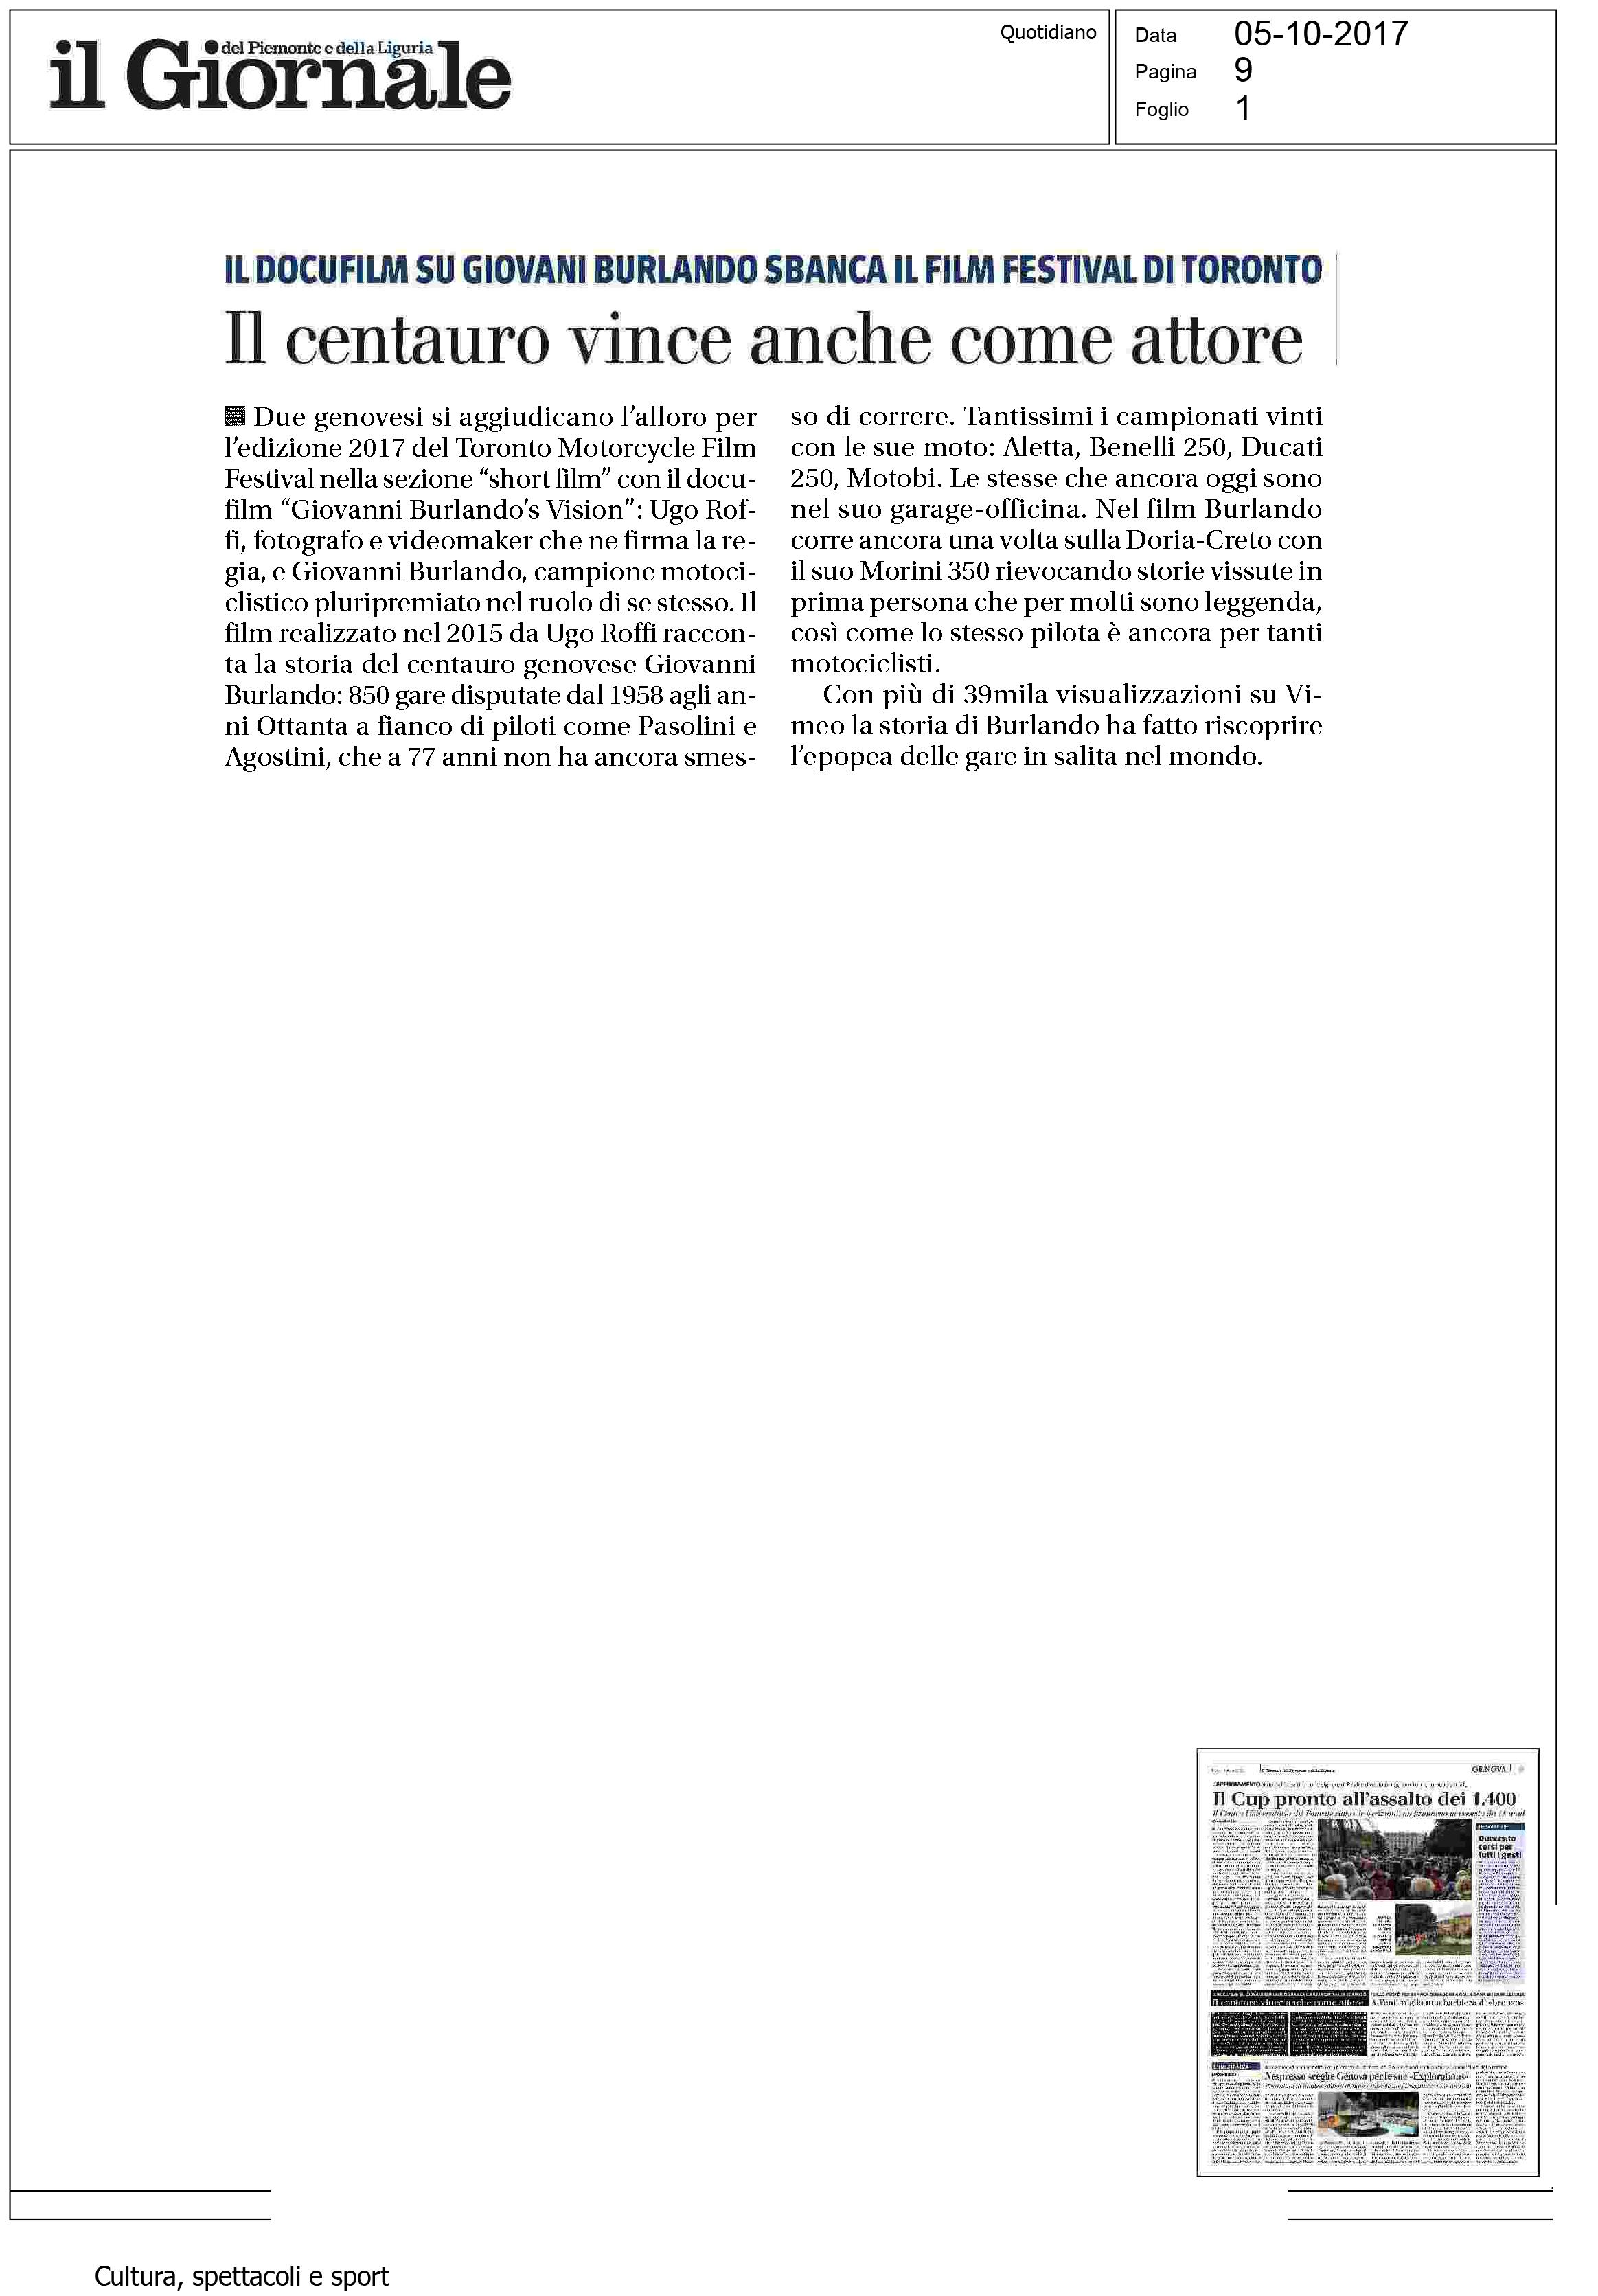 il_giornale_toronto